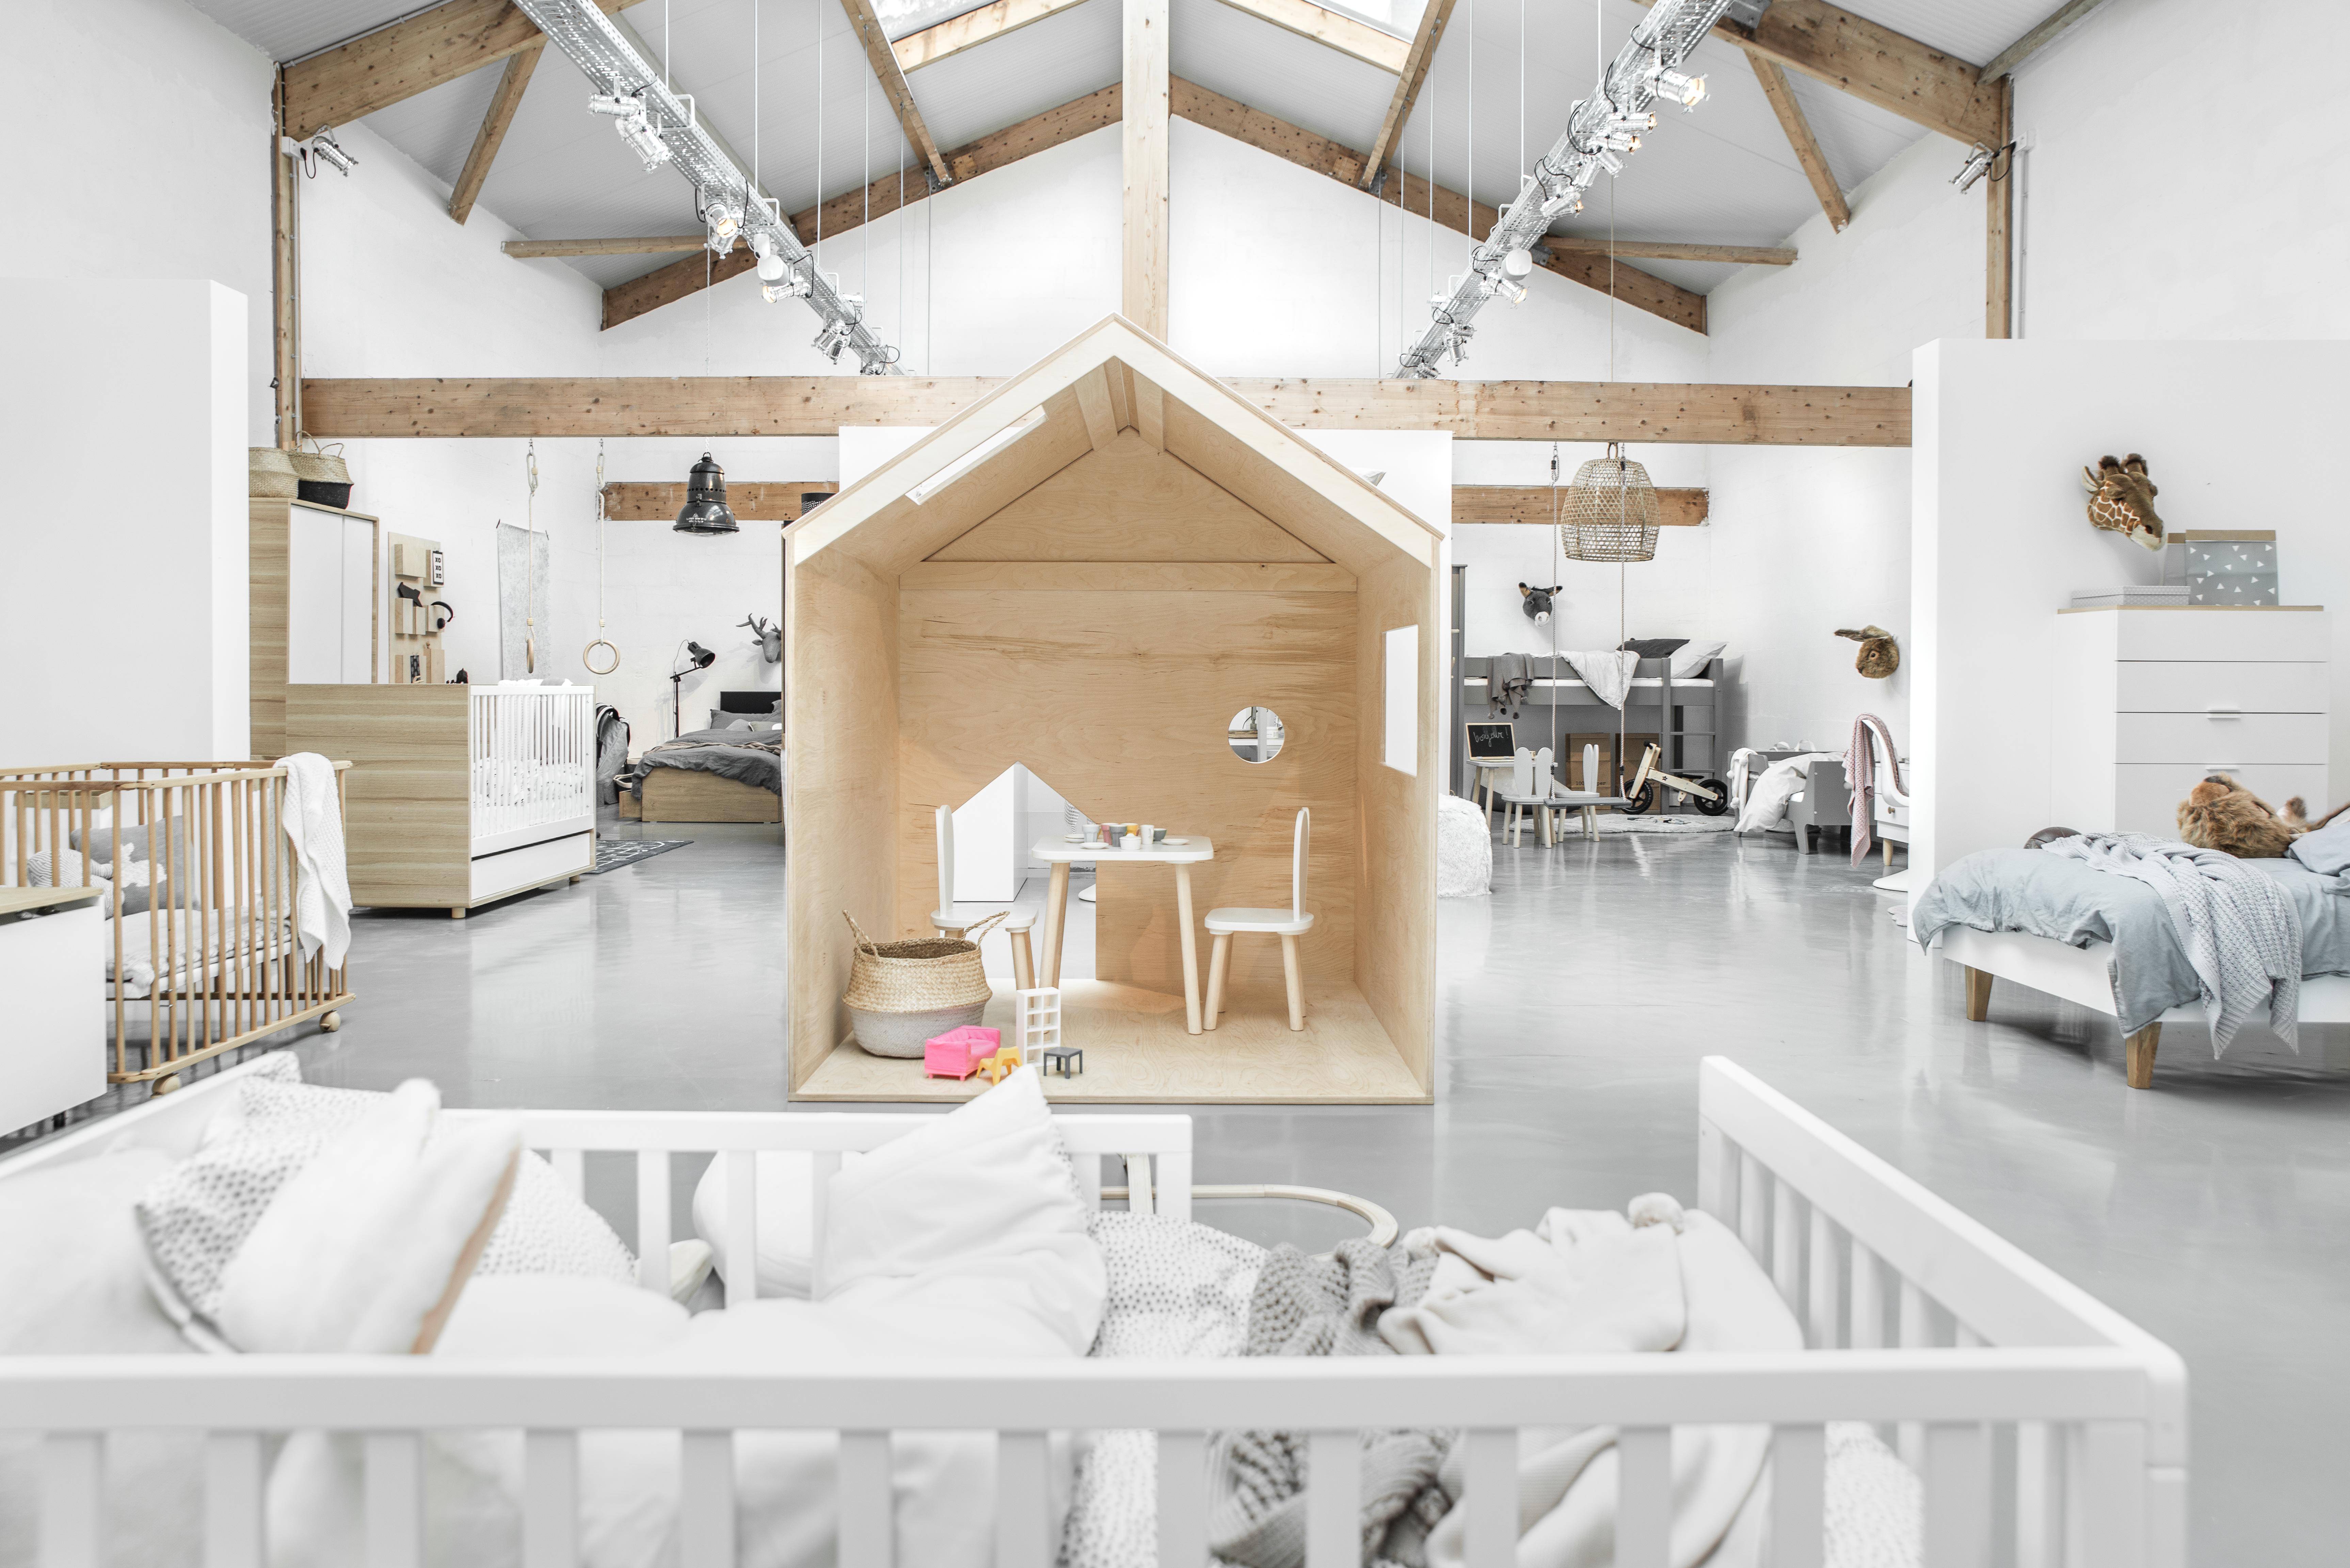 petite amelie concept store paris